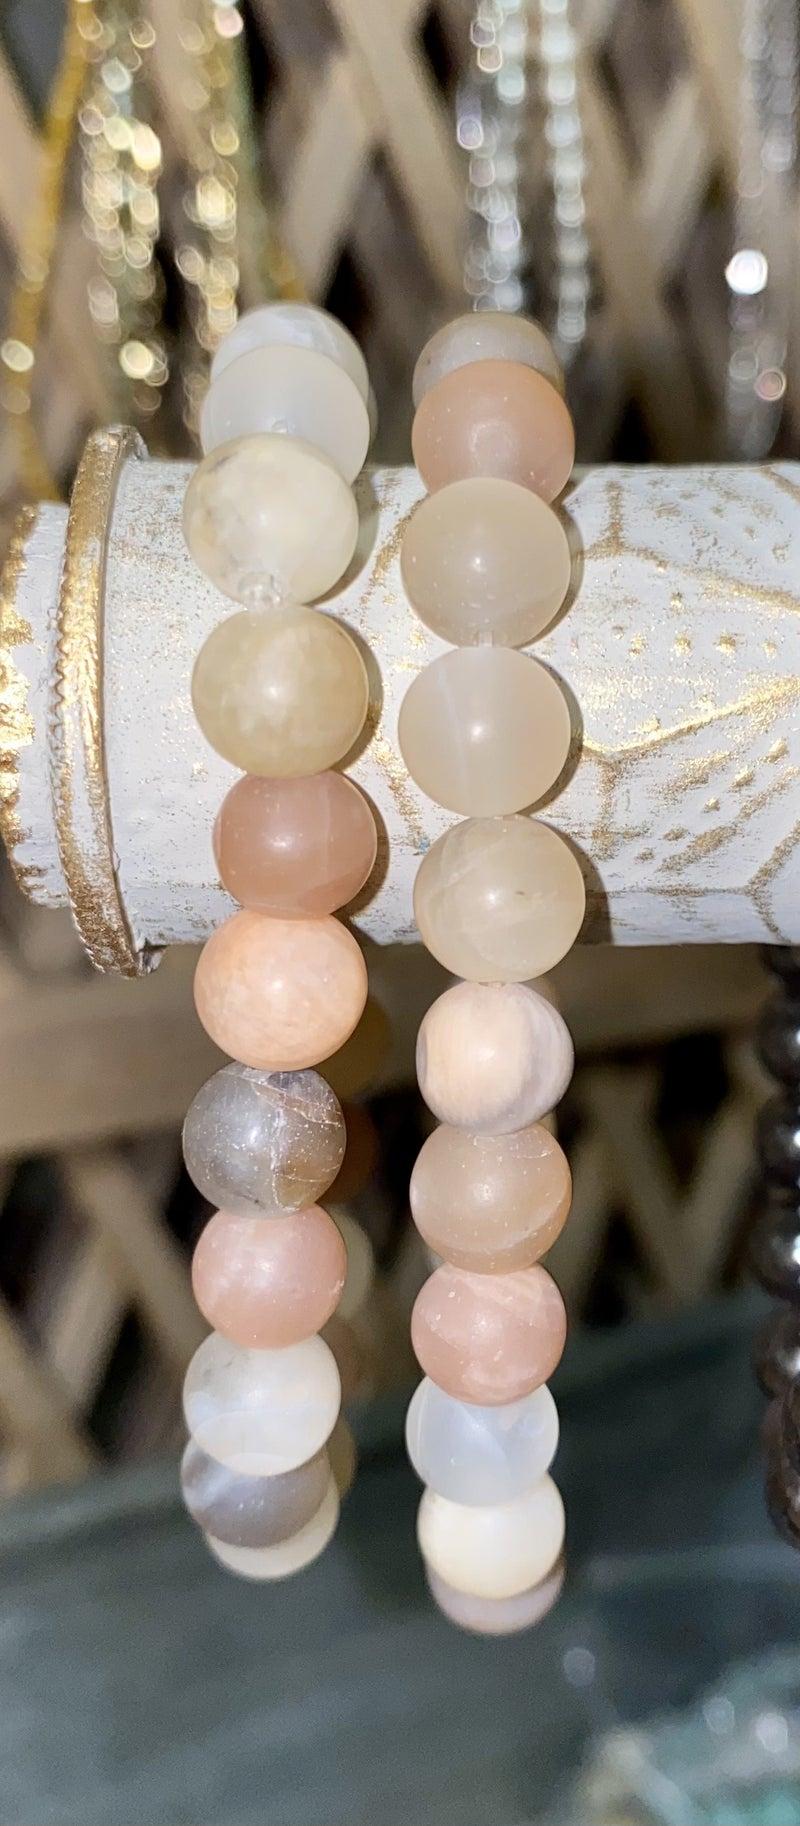 B3 Healing Stones Sunstone